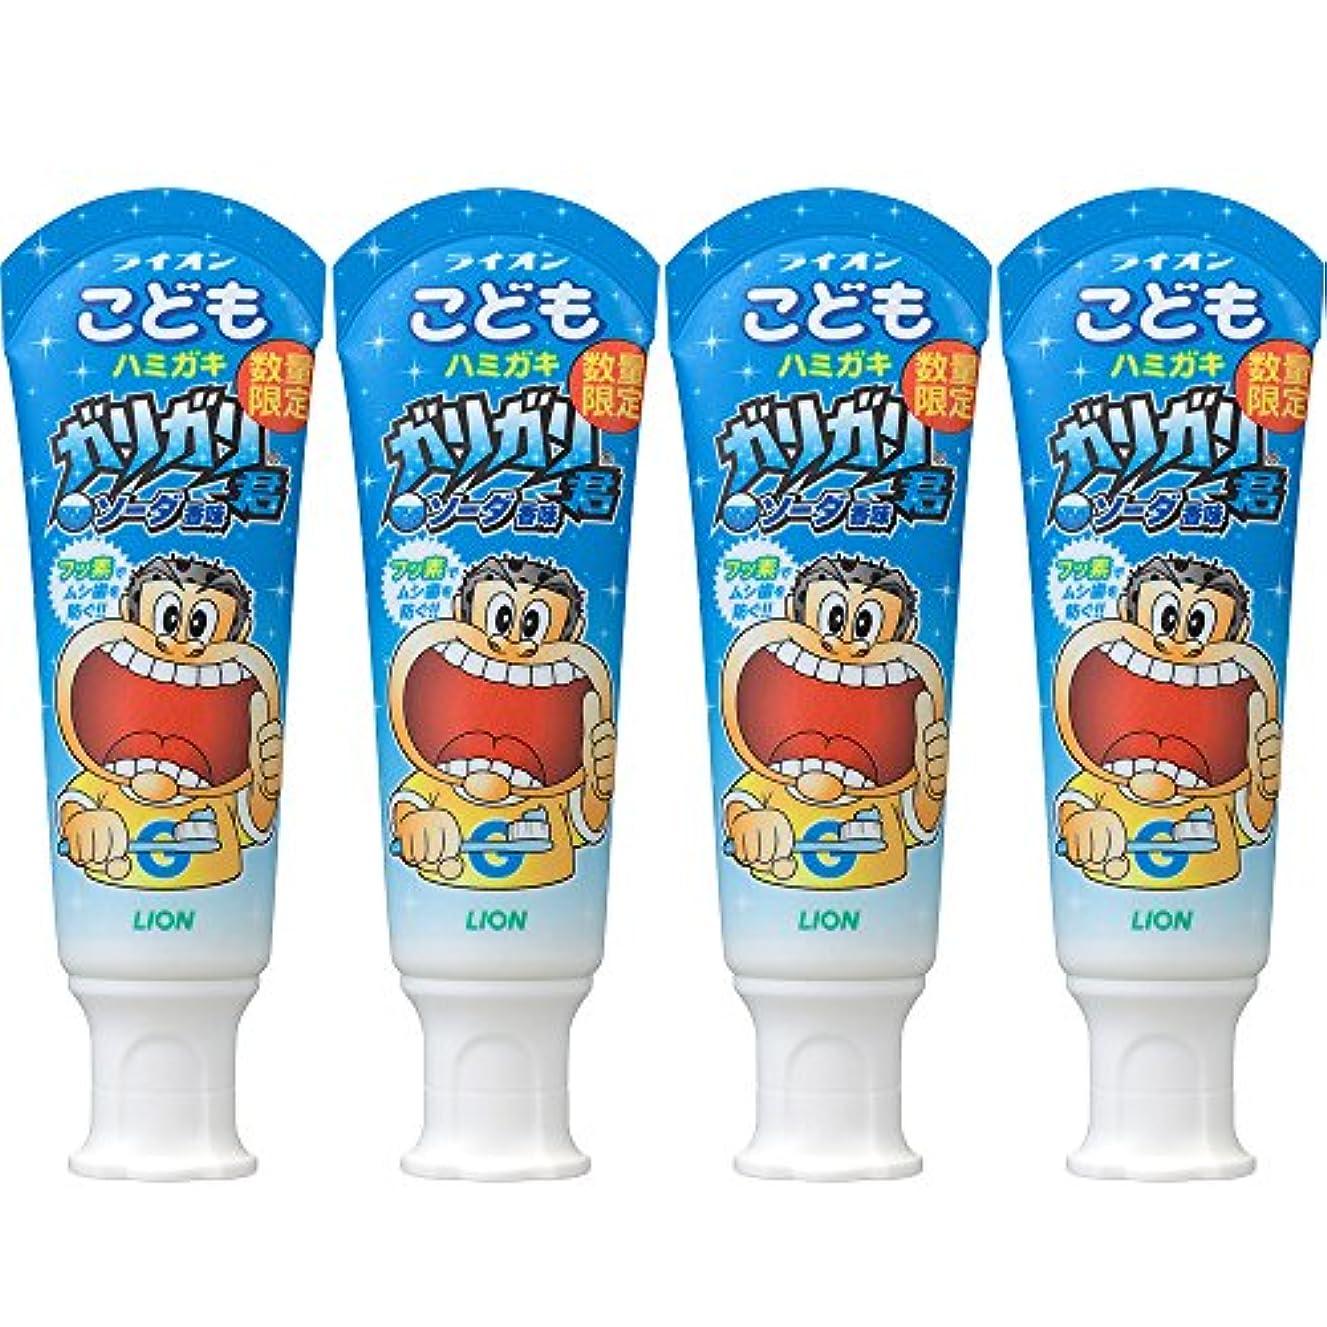 死ぬ姿を消す襟ライオンこどもハミガキ ガリガリくん ソーダ香味 40g 4個パック ※デザインは選べません